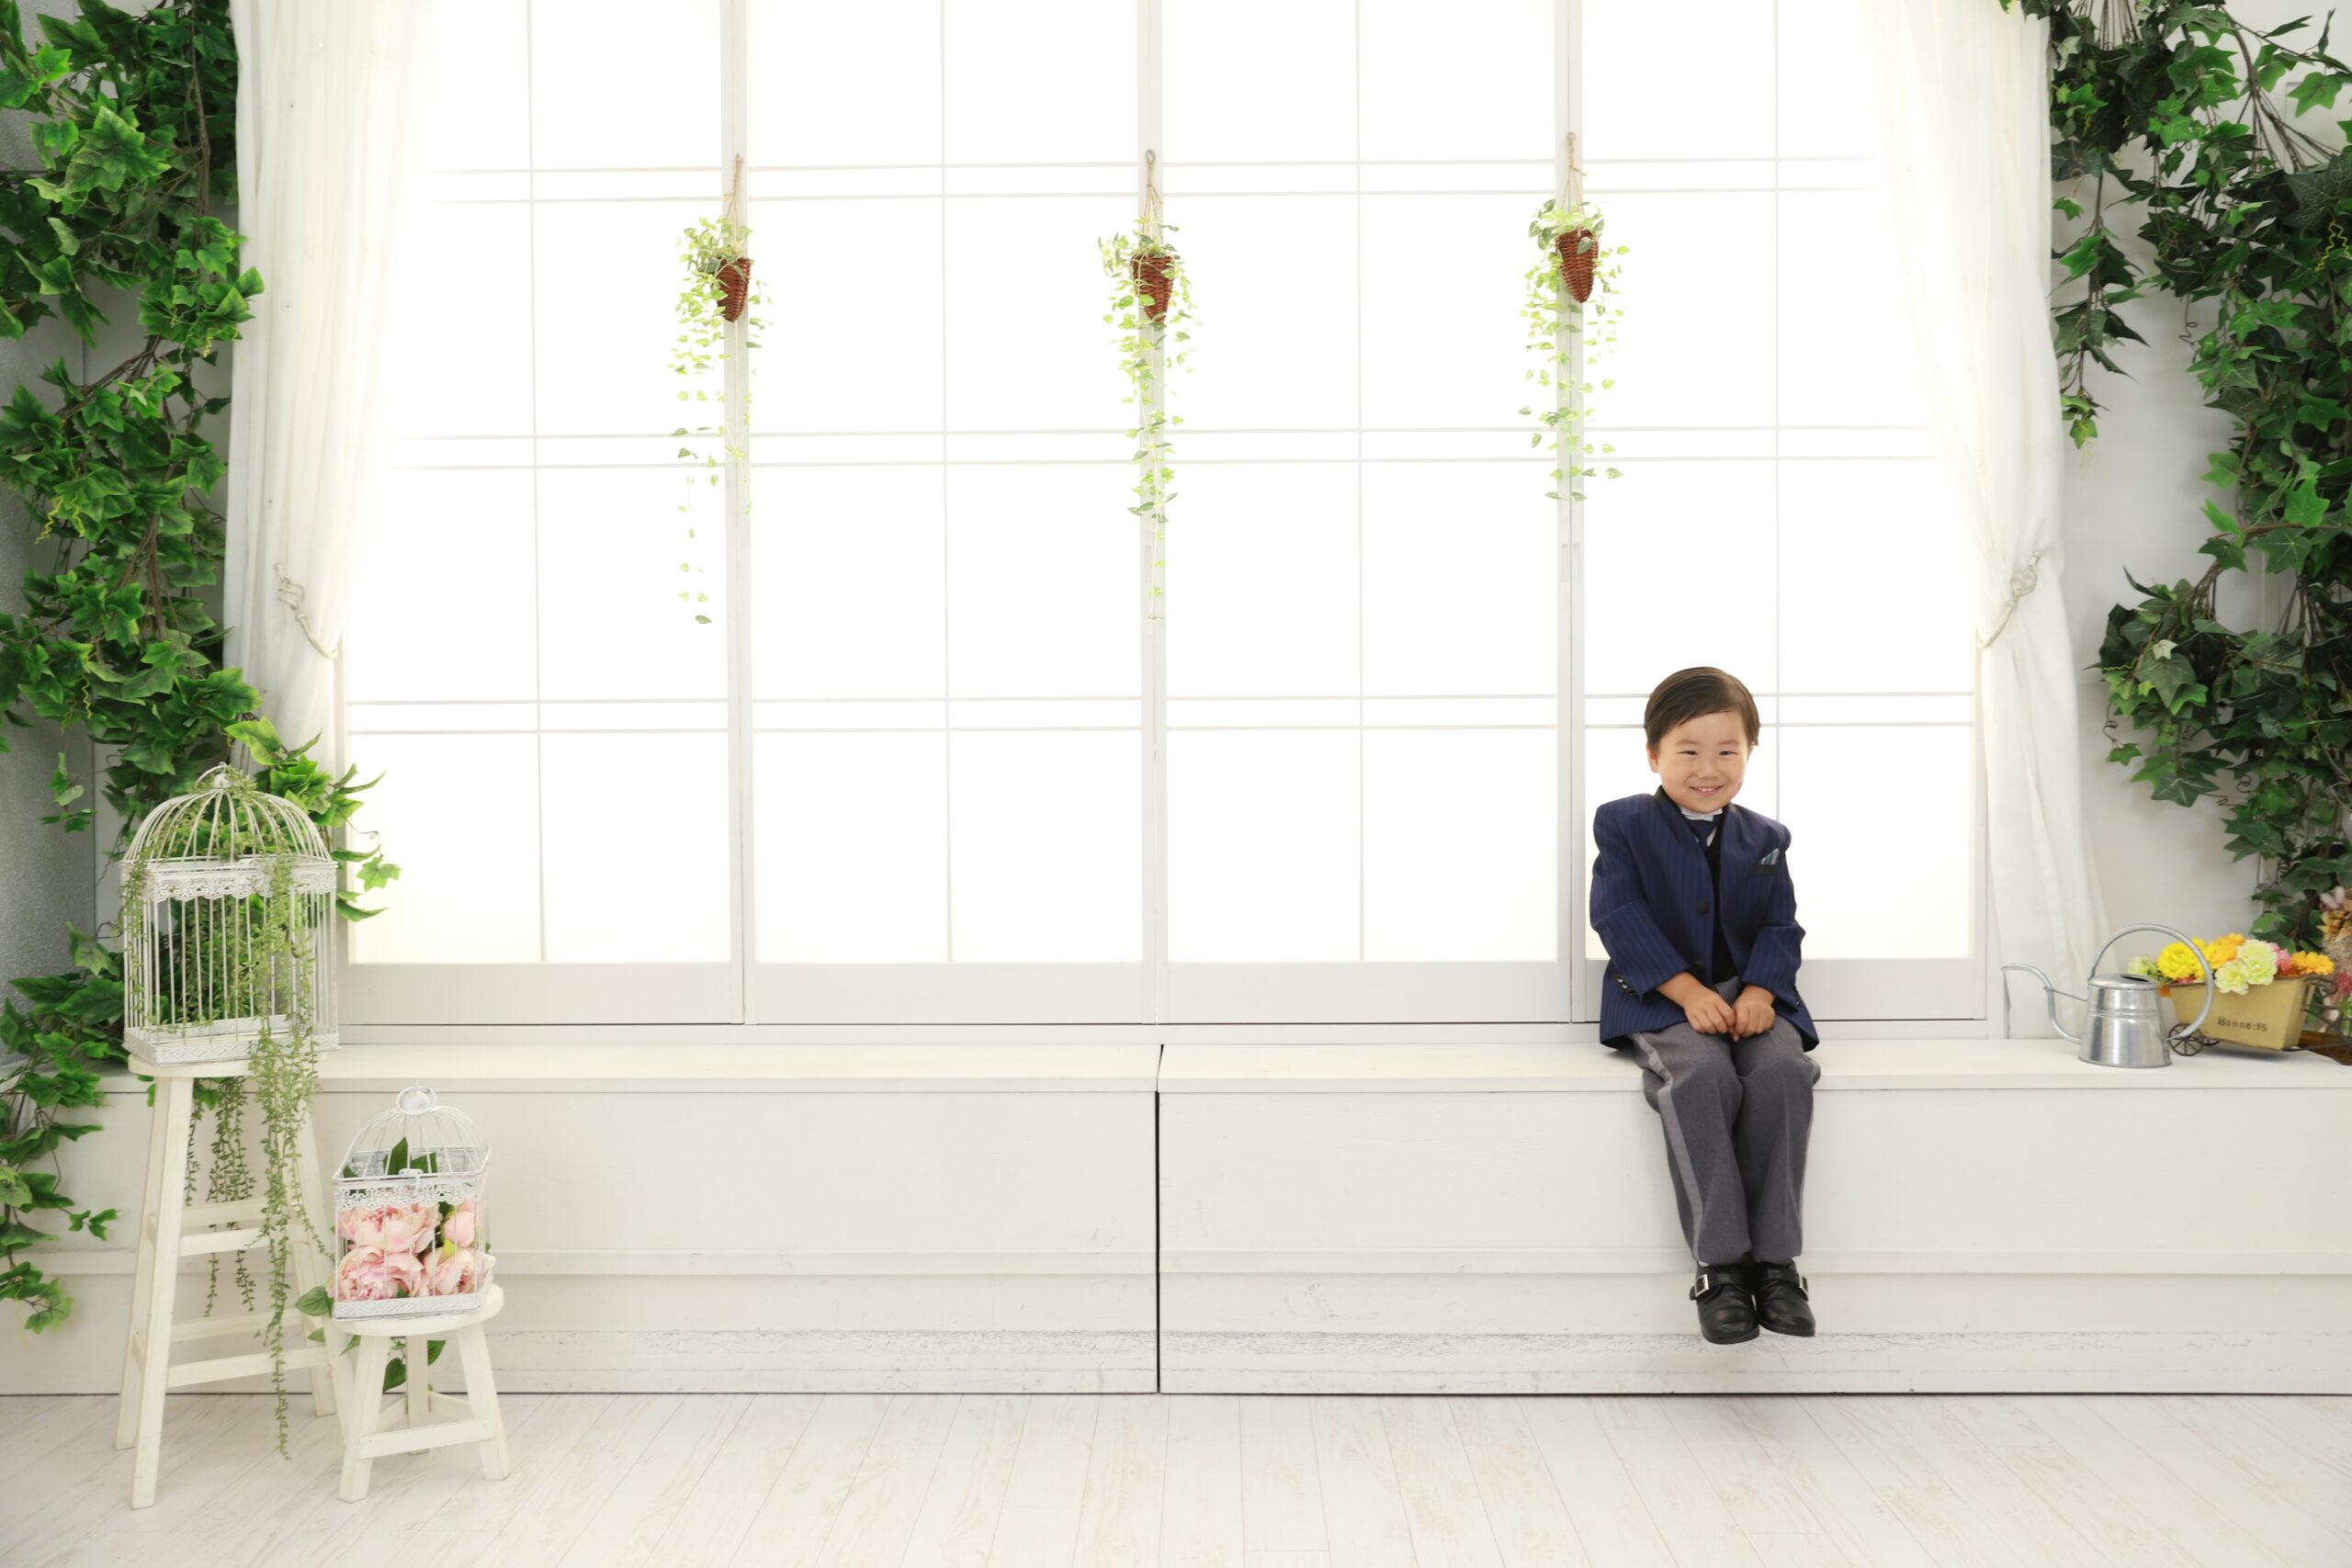 5歳の七五三 サントムーンオアシスのスタジオ4